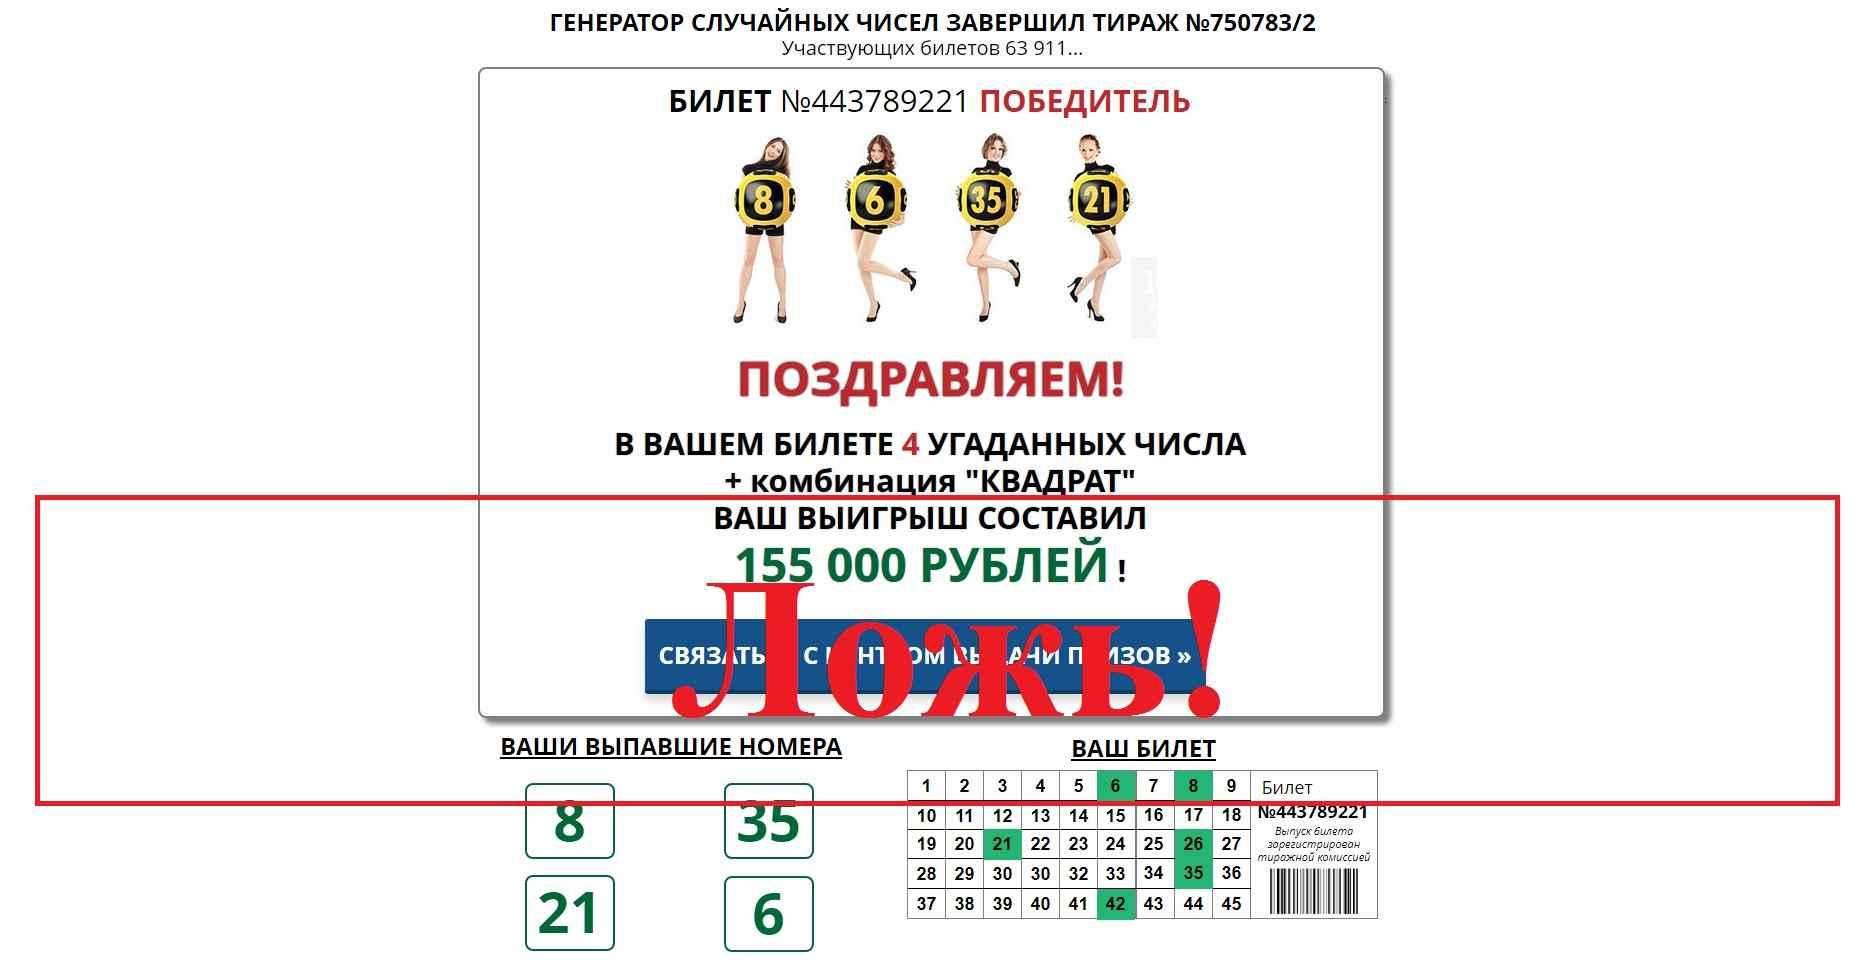 Российское Лото (РусЛото) – отзывы. Всероссийская официальная лотерея Гостлото